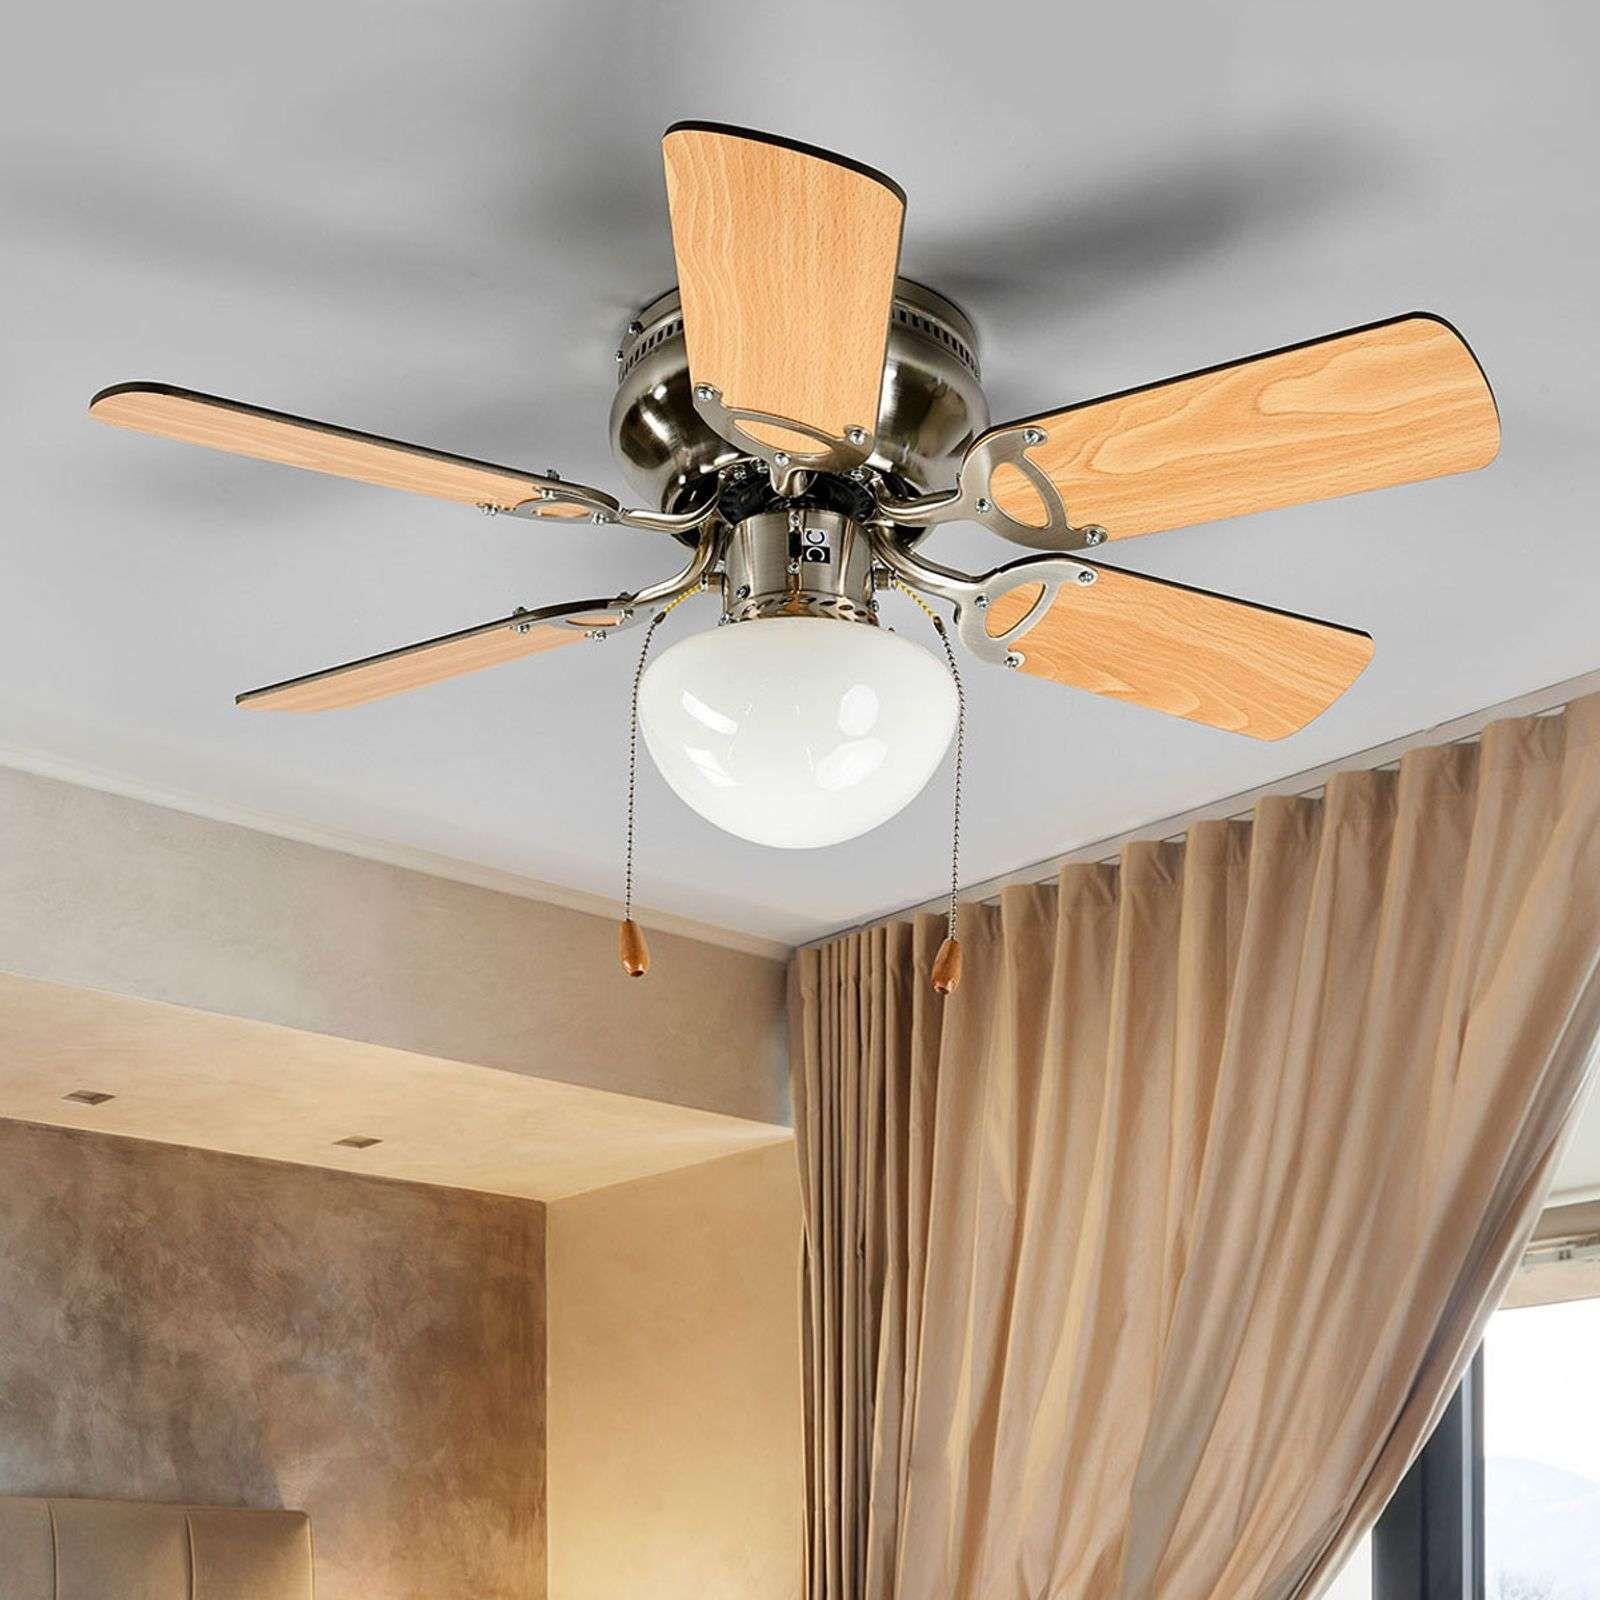 Moderner Deckenventilatoren Mit Beleuchtung Von Lampenwelt Com Braun Deckenventilator Ventilator Und Beleuchtung